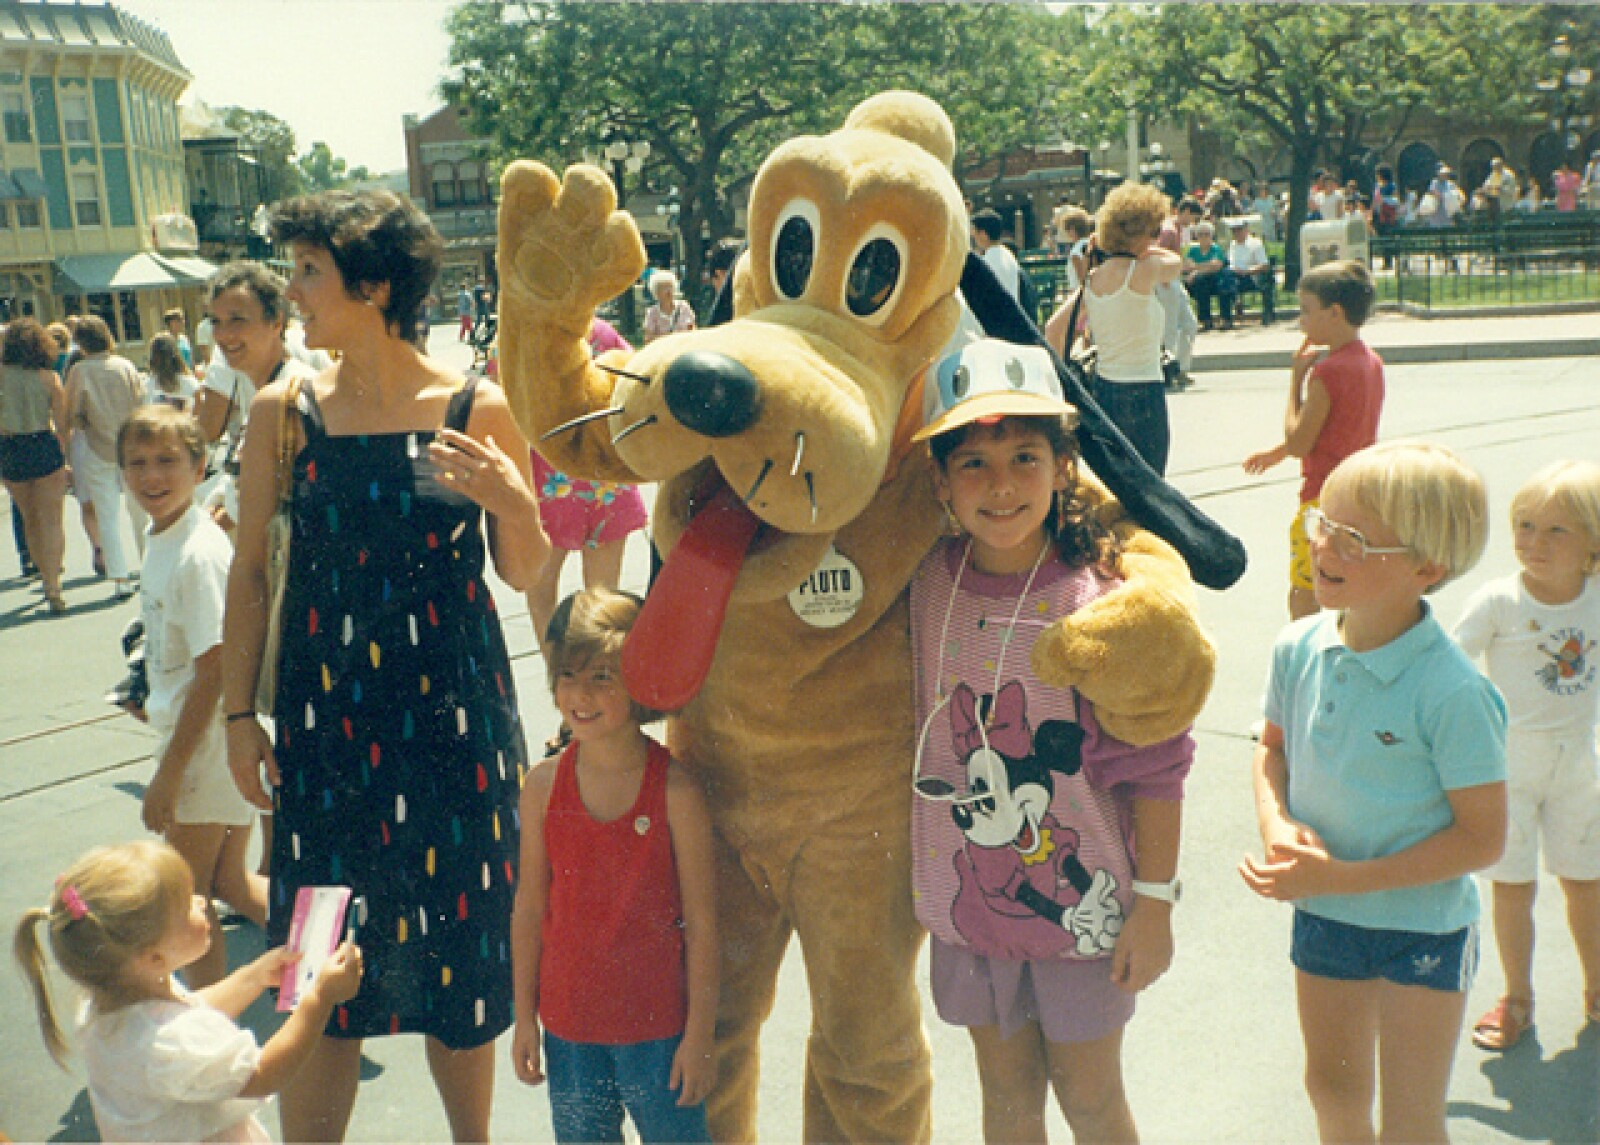 Y se tomó fotos con los mejores personajes del parque de diversiones.